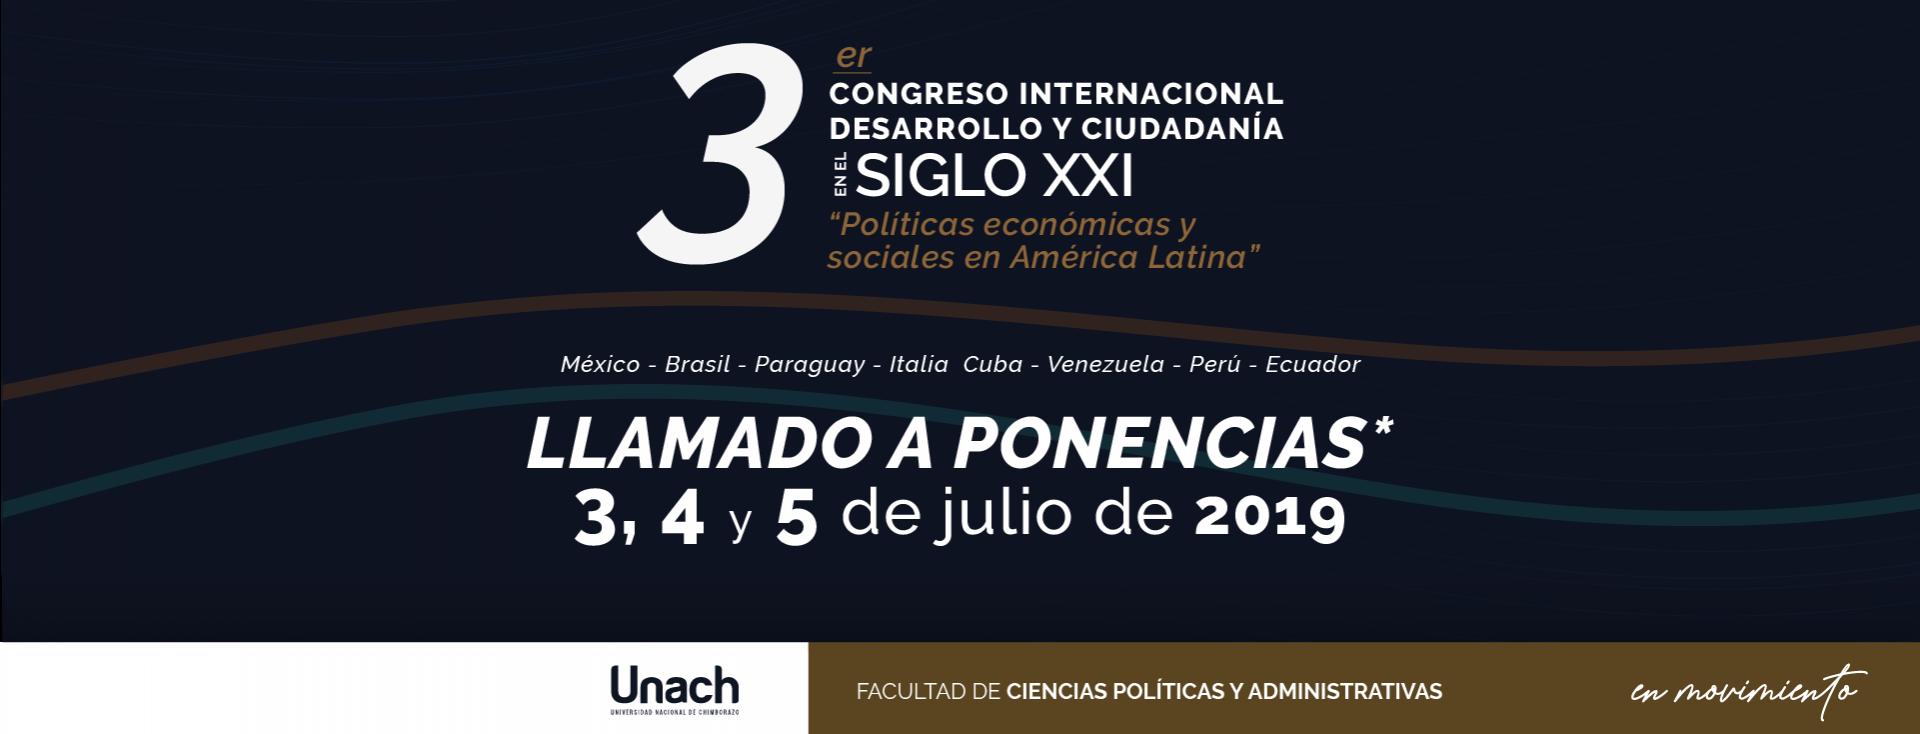 """III CONGRESO INTERNACIONAL DESARROLLO Y CIUDADANÍA EN EL SIGLO XXI """"POLÍTICAS ECONÓMICAS Y SOCIALES EN AMÉRICA LATINA"""""""